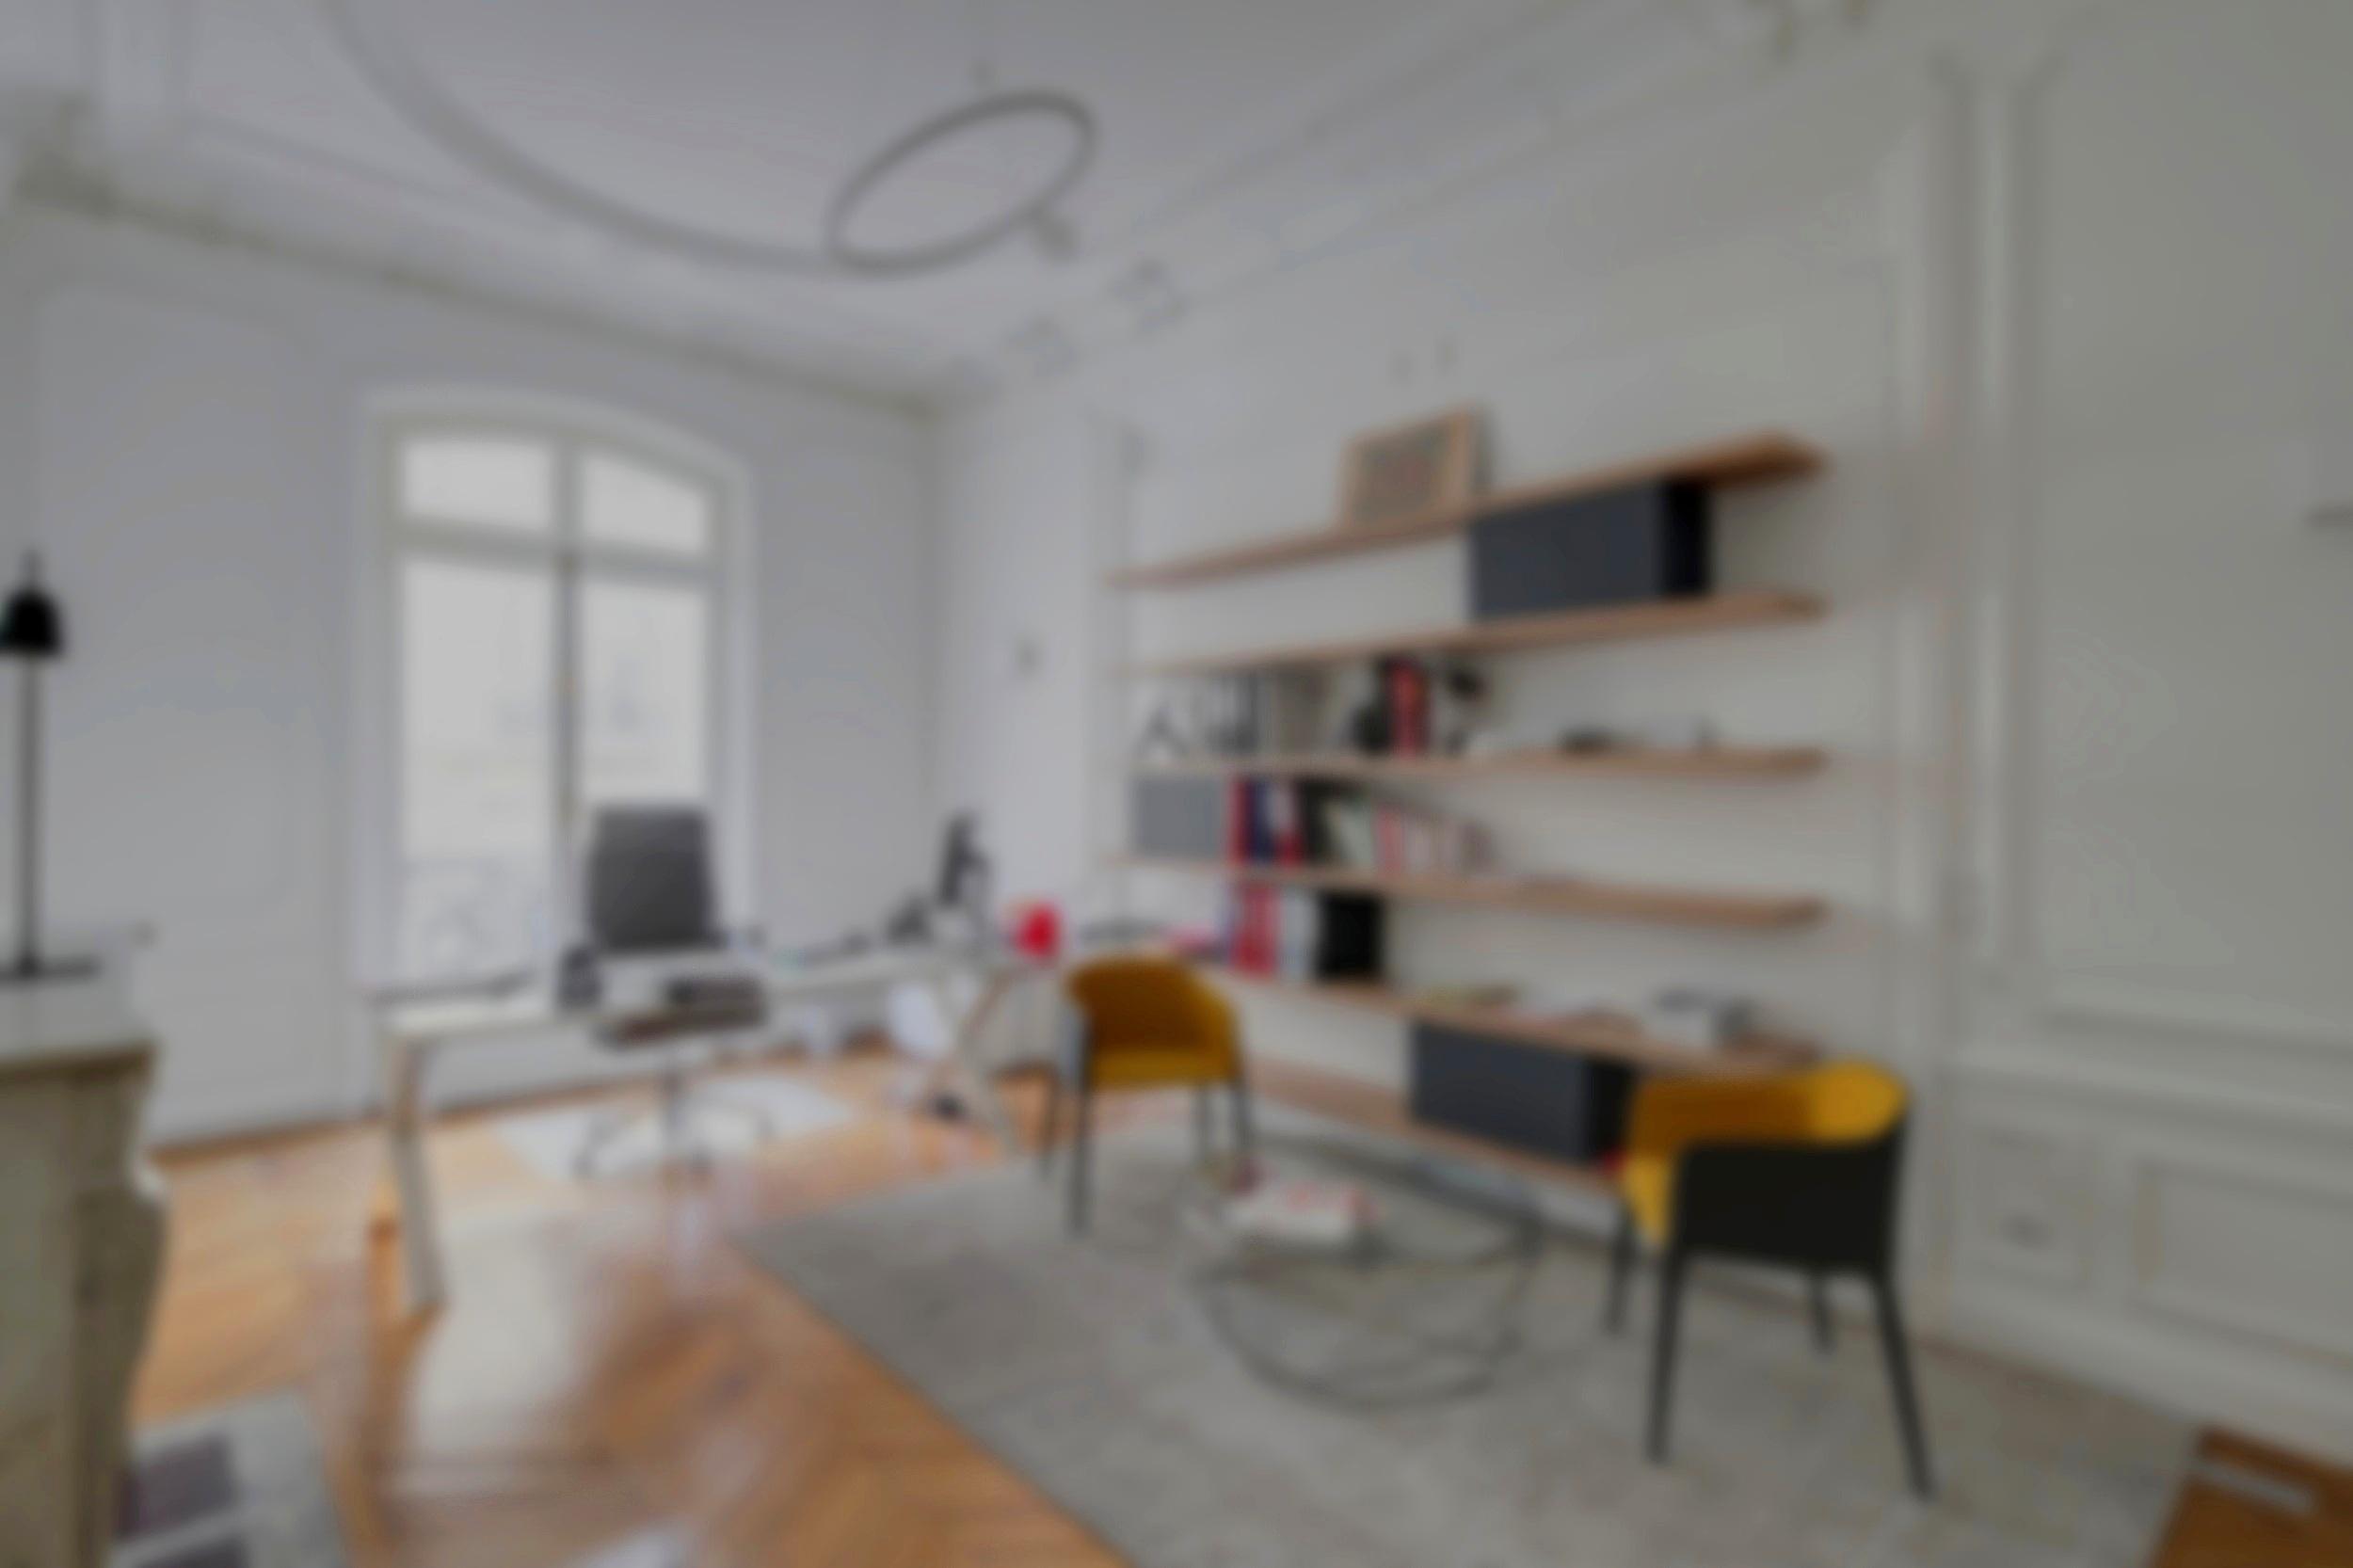 Prendre en compte le bien-être des usagers : une étape essentielle pour l'architecte d'intérieur -